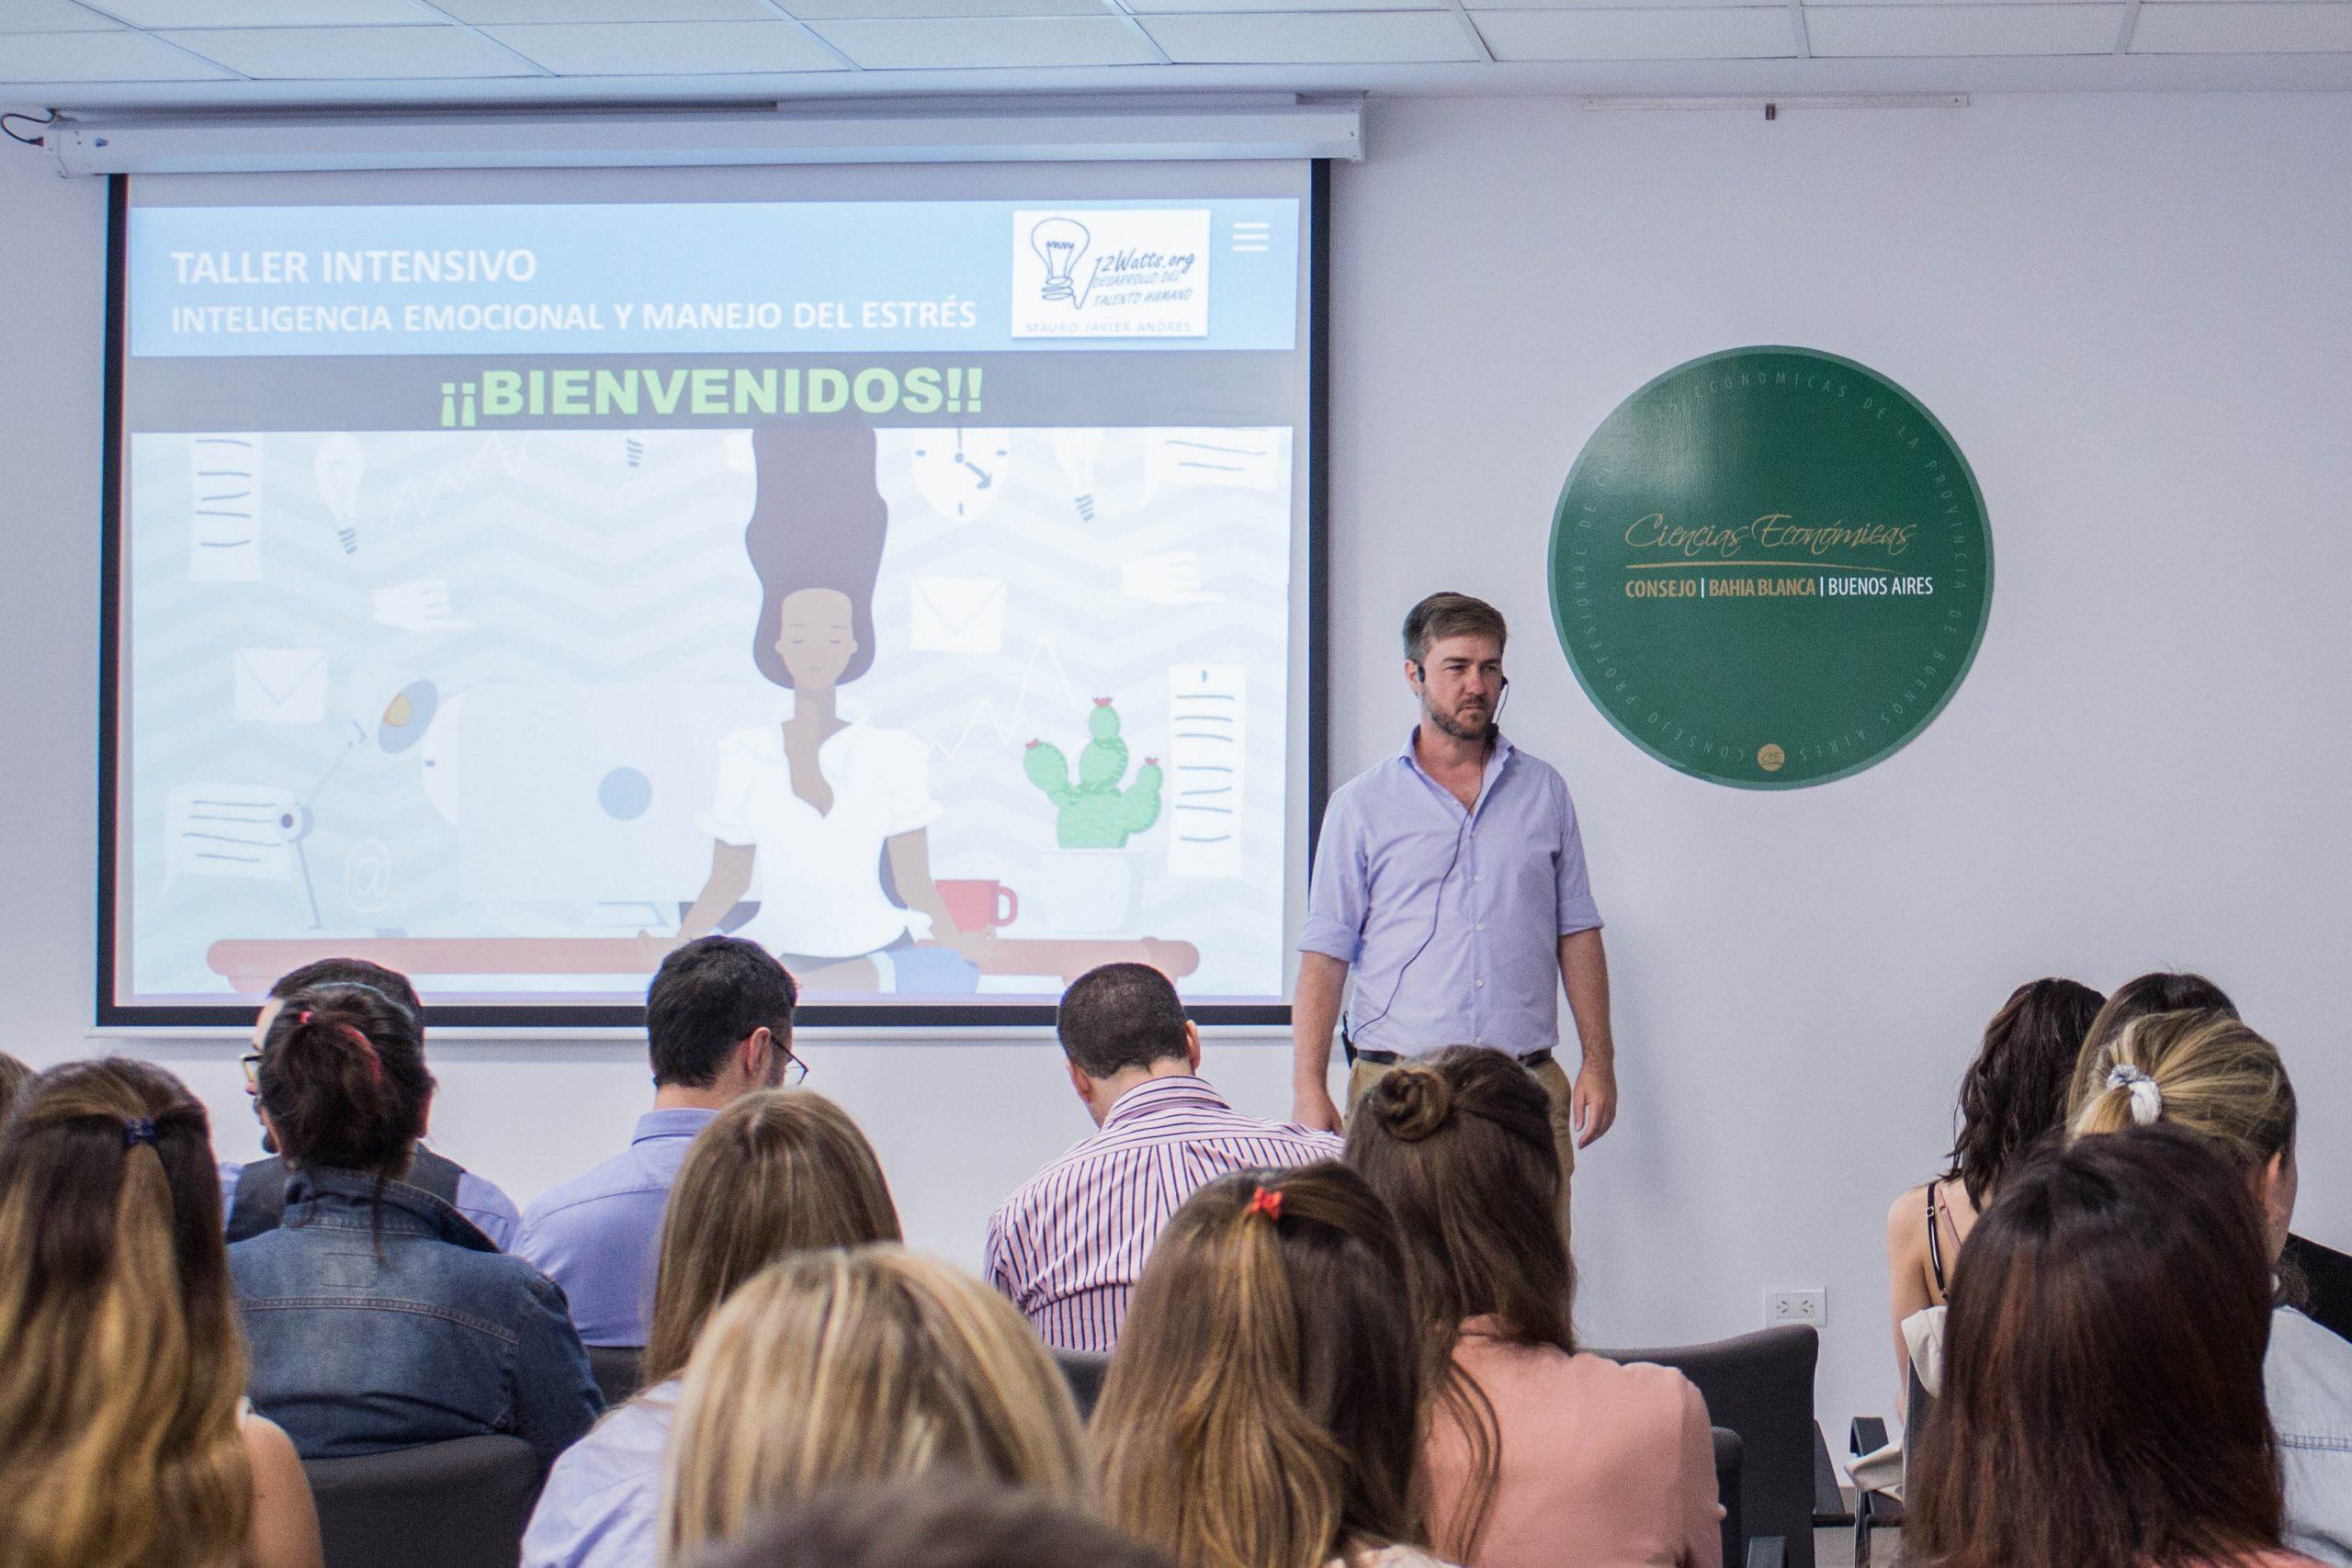 Disertamos en el XXIII Seminario de Jóvenes Egresados en Ciencias Económicas de la provincia de Buenos Aires sobre Inteligencia Emocional y Manejo del Estrés.